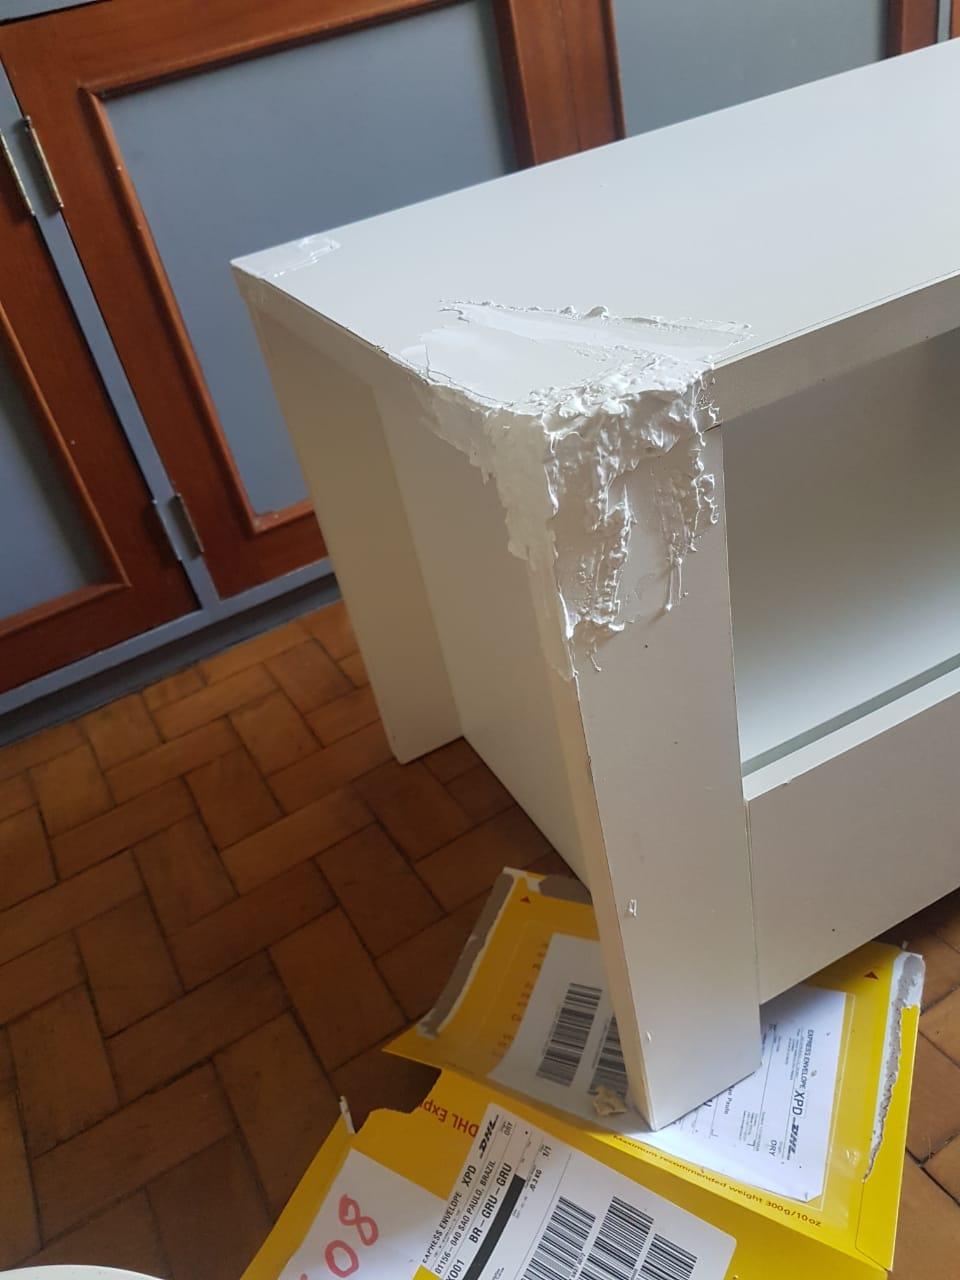 raque-personalizar-reparo-tinta-armario-madeira-retoque-renovar